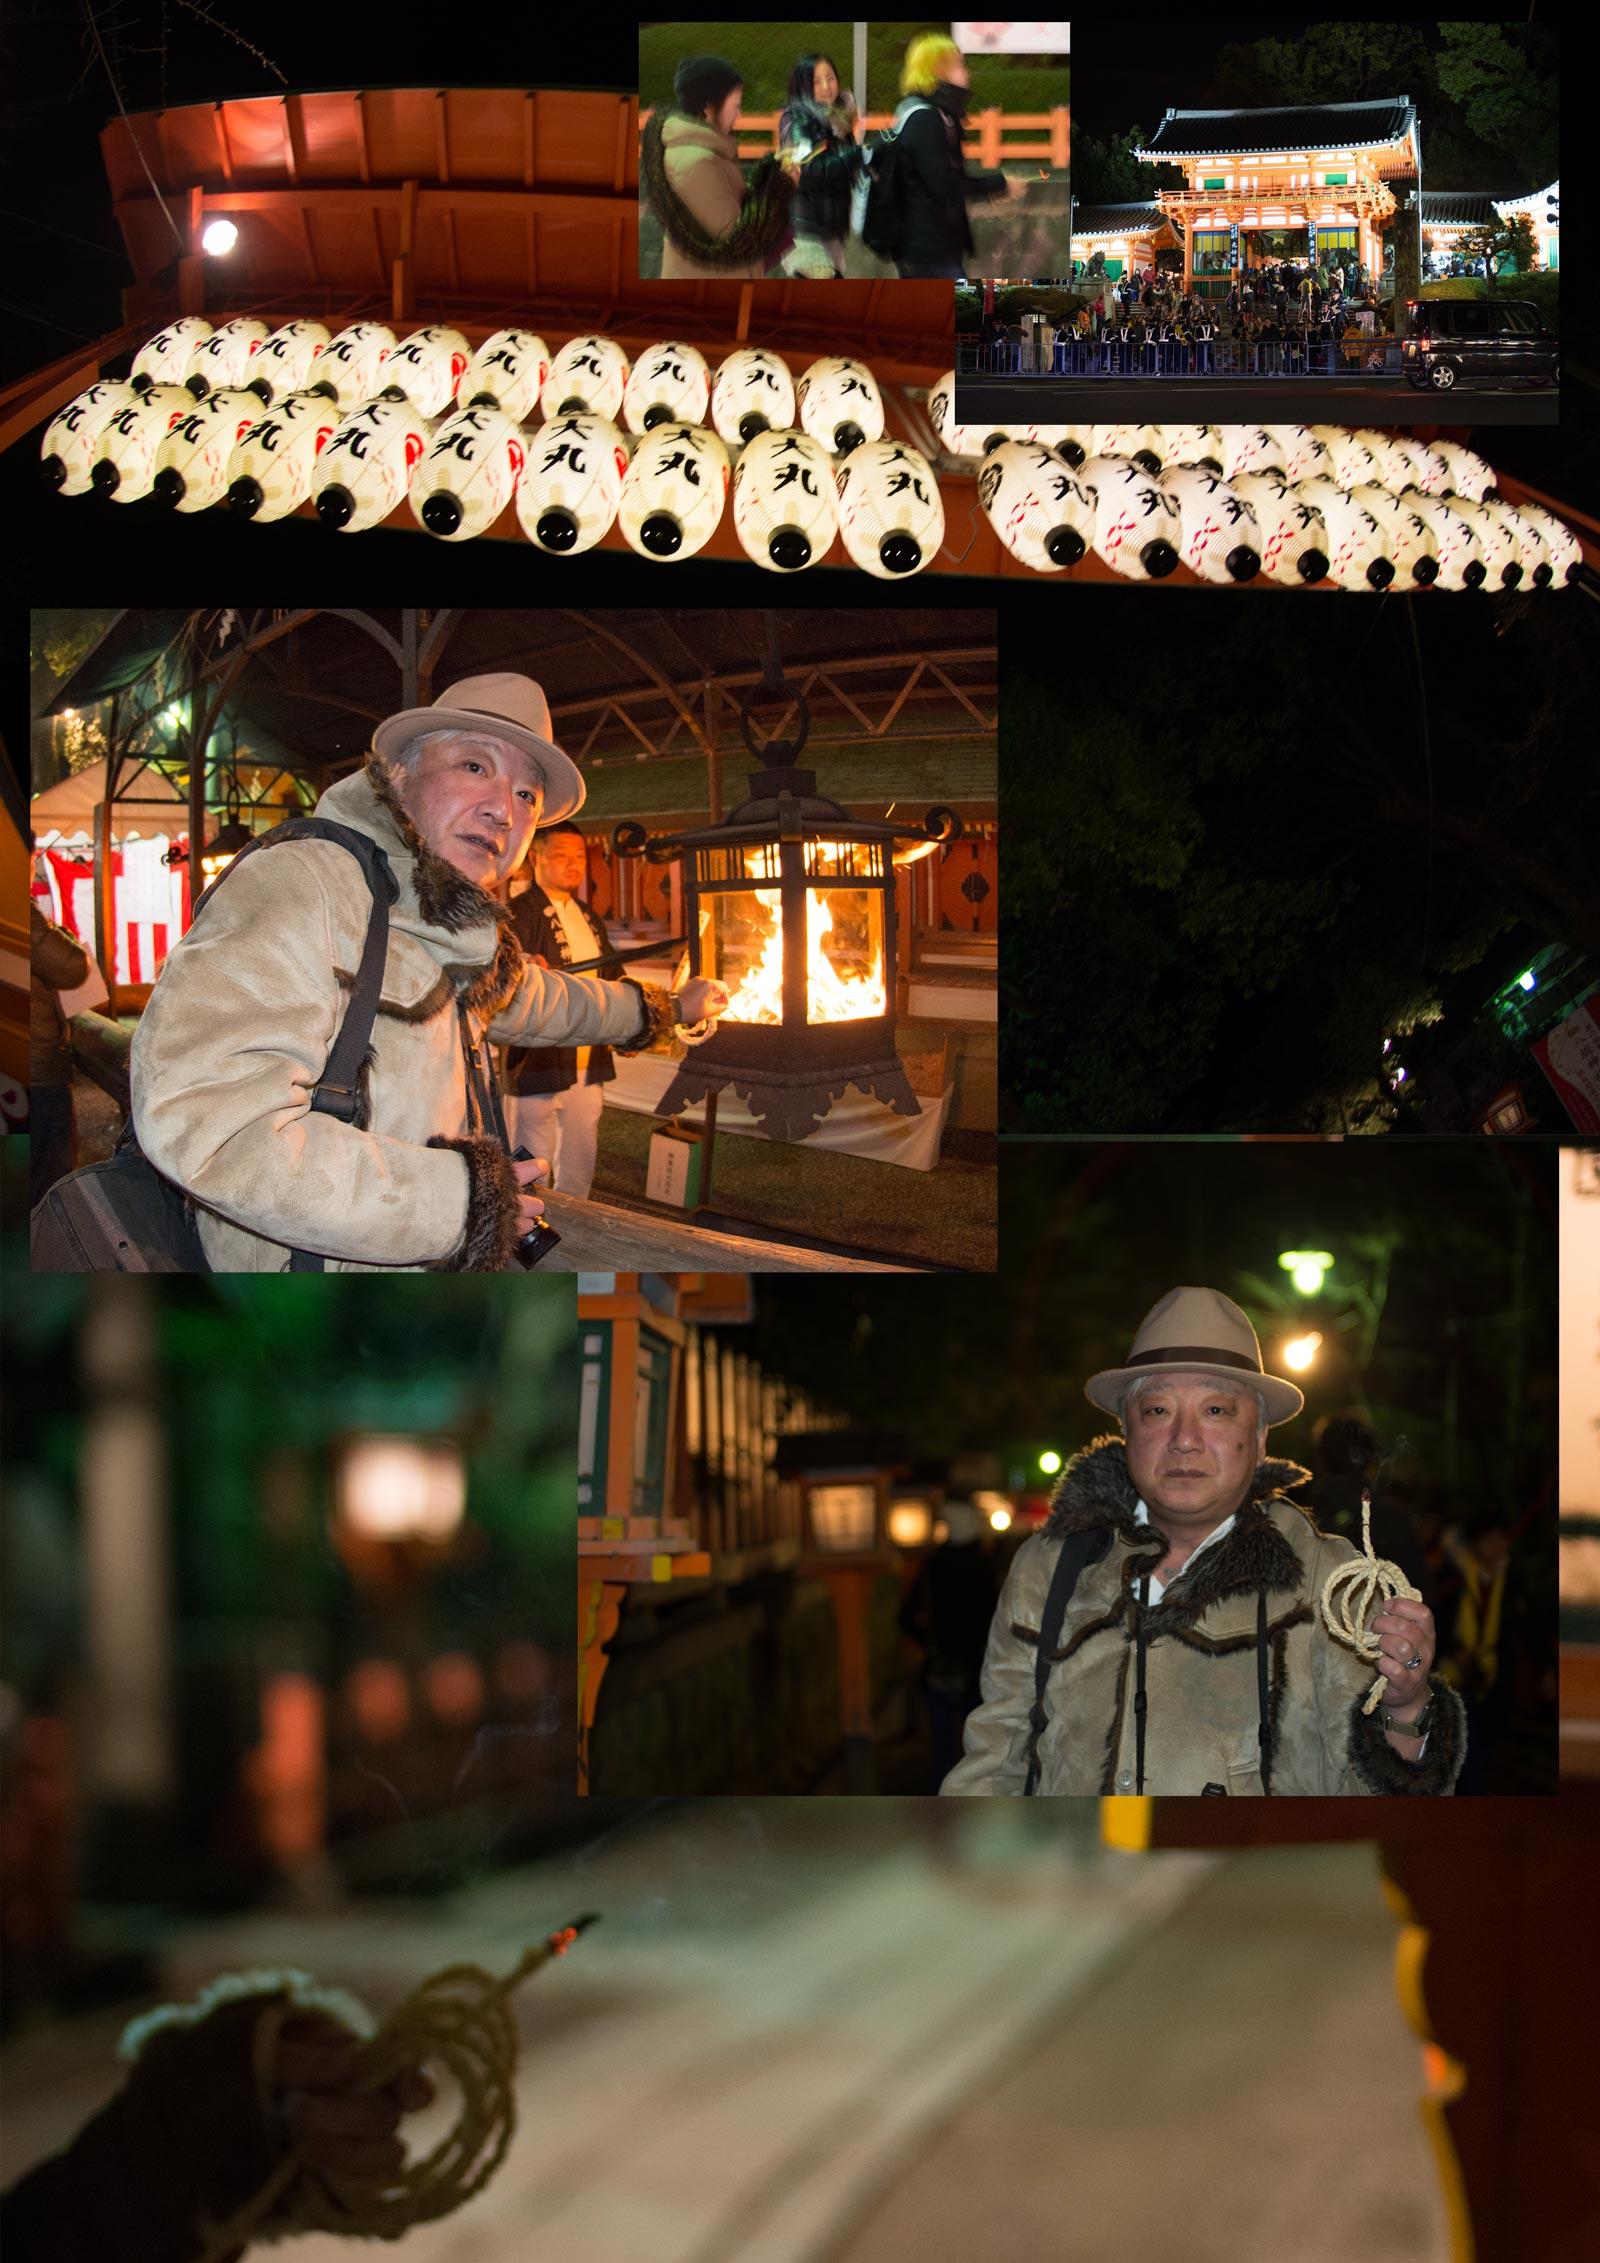 大晦日、八坂神社でおけら参り_a0271402_11234771.jpg